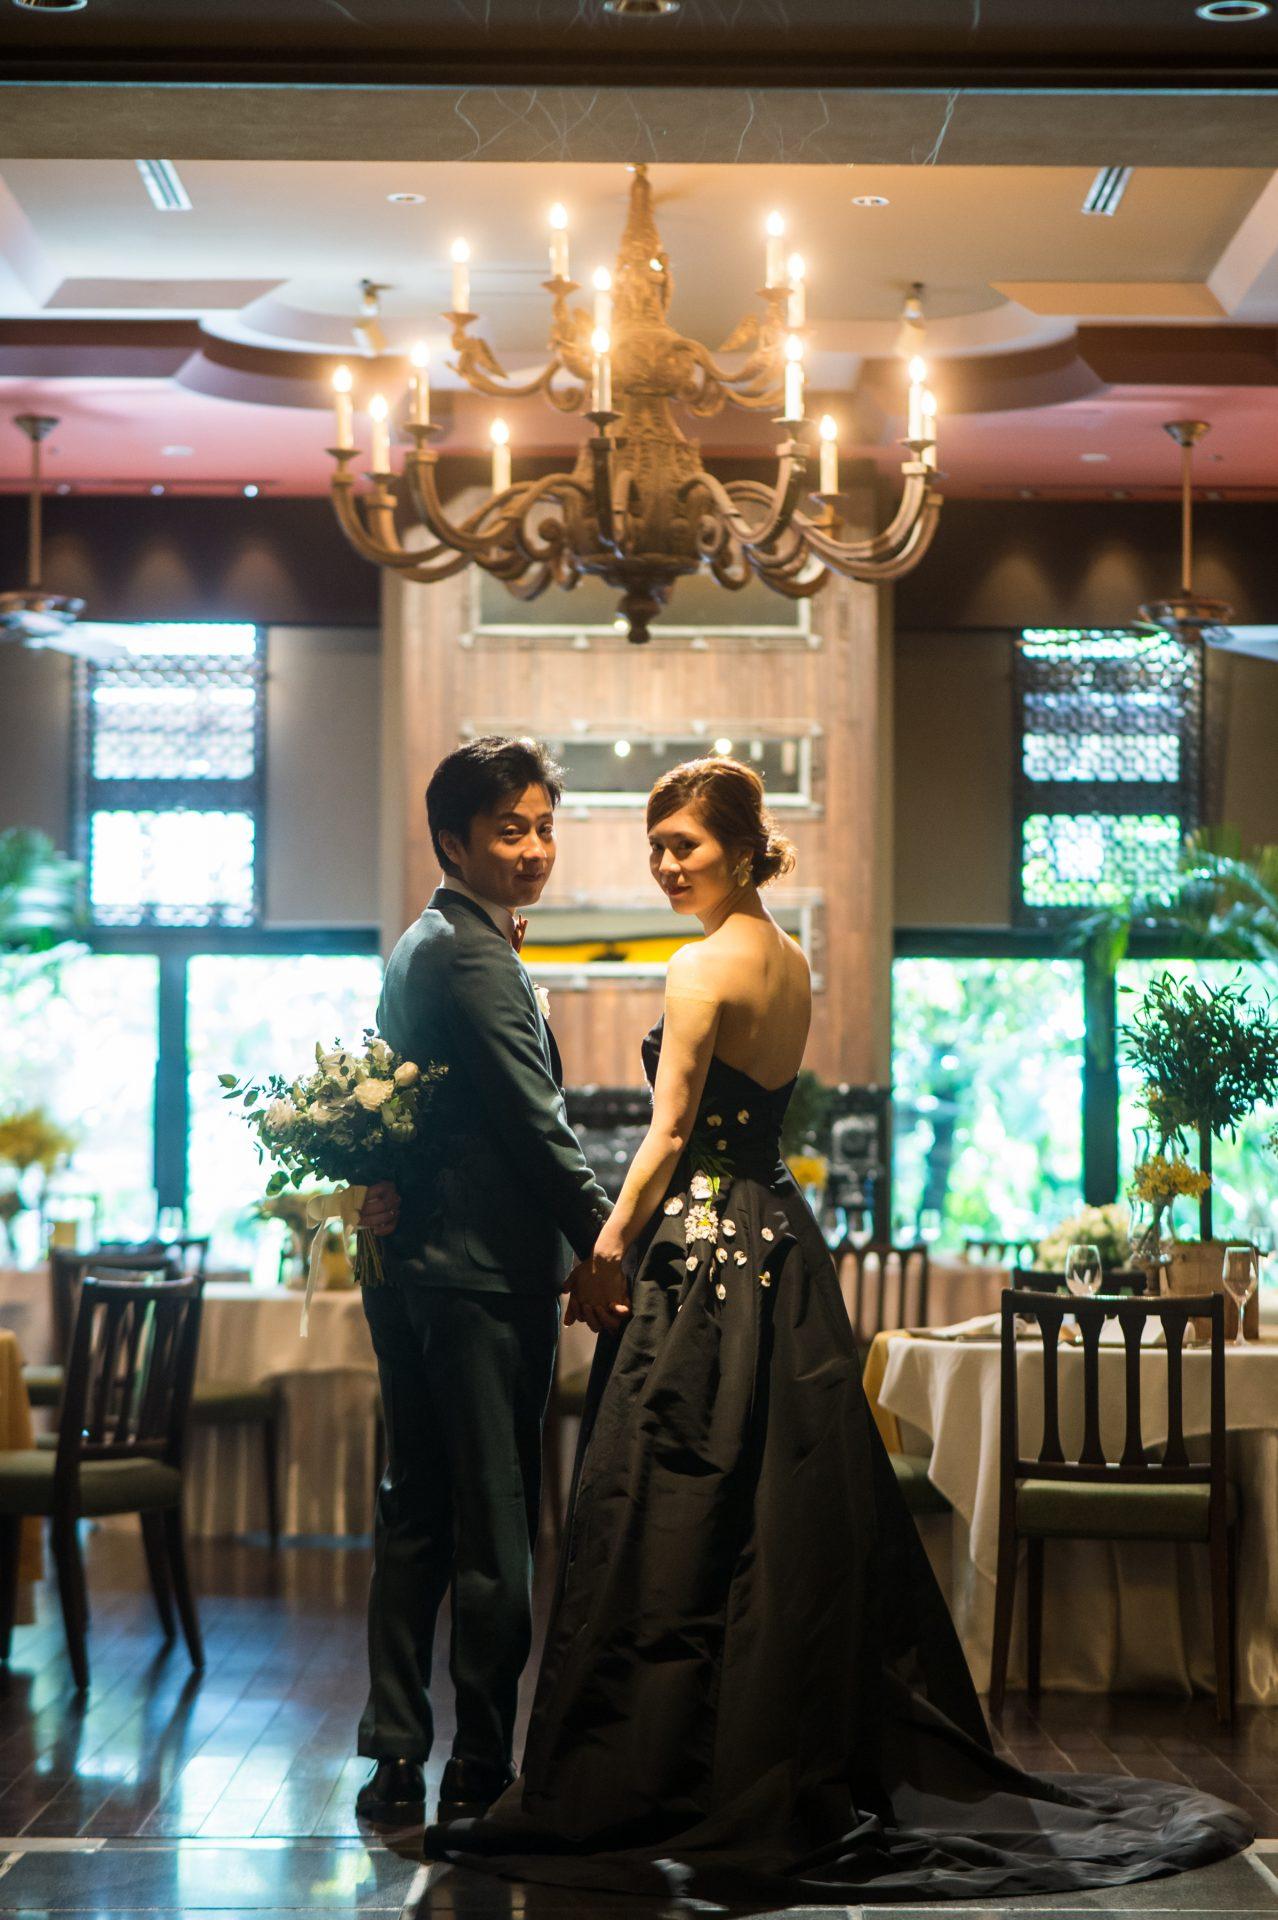 ザ・ルイガンズの披露宴会場グランドガーデンではロマンティックな前撮りが叶います